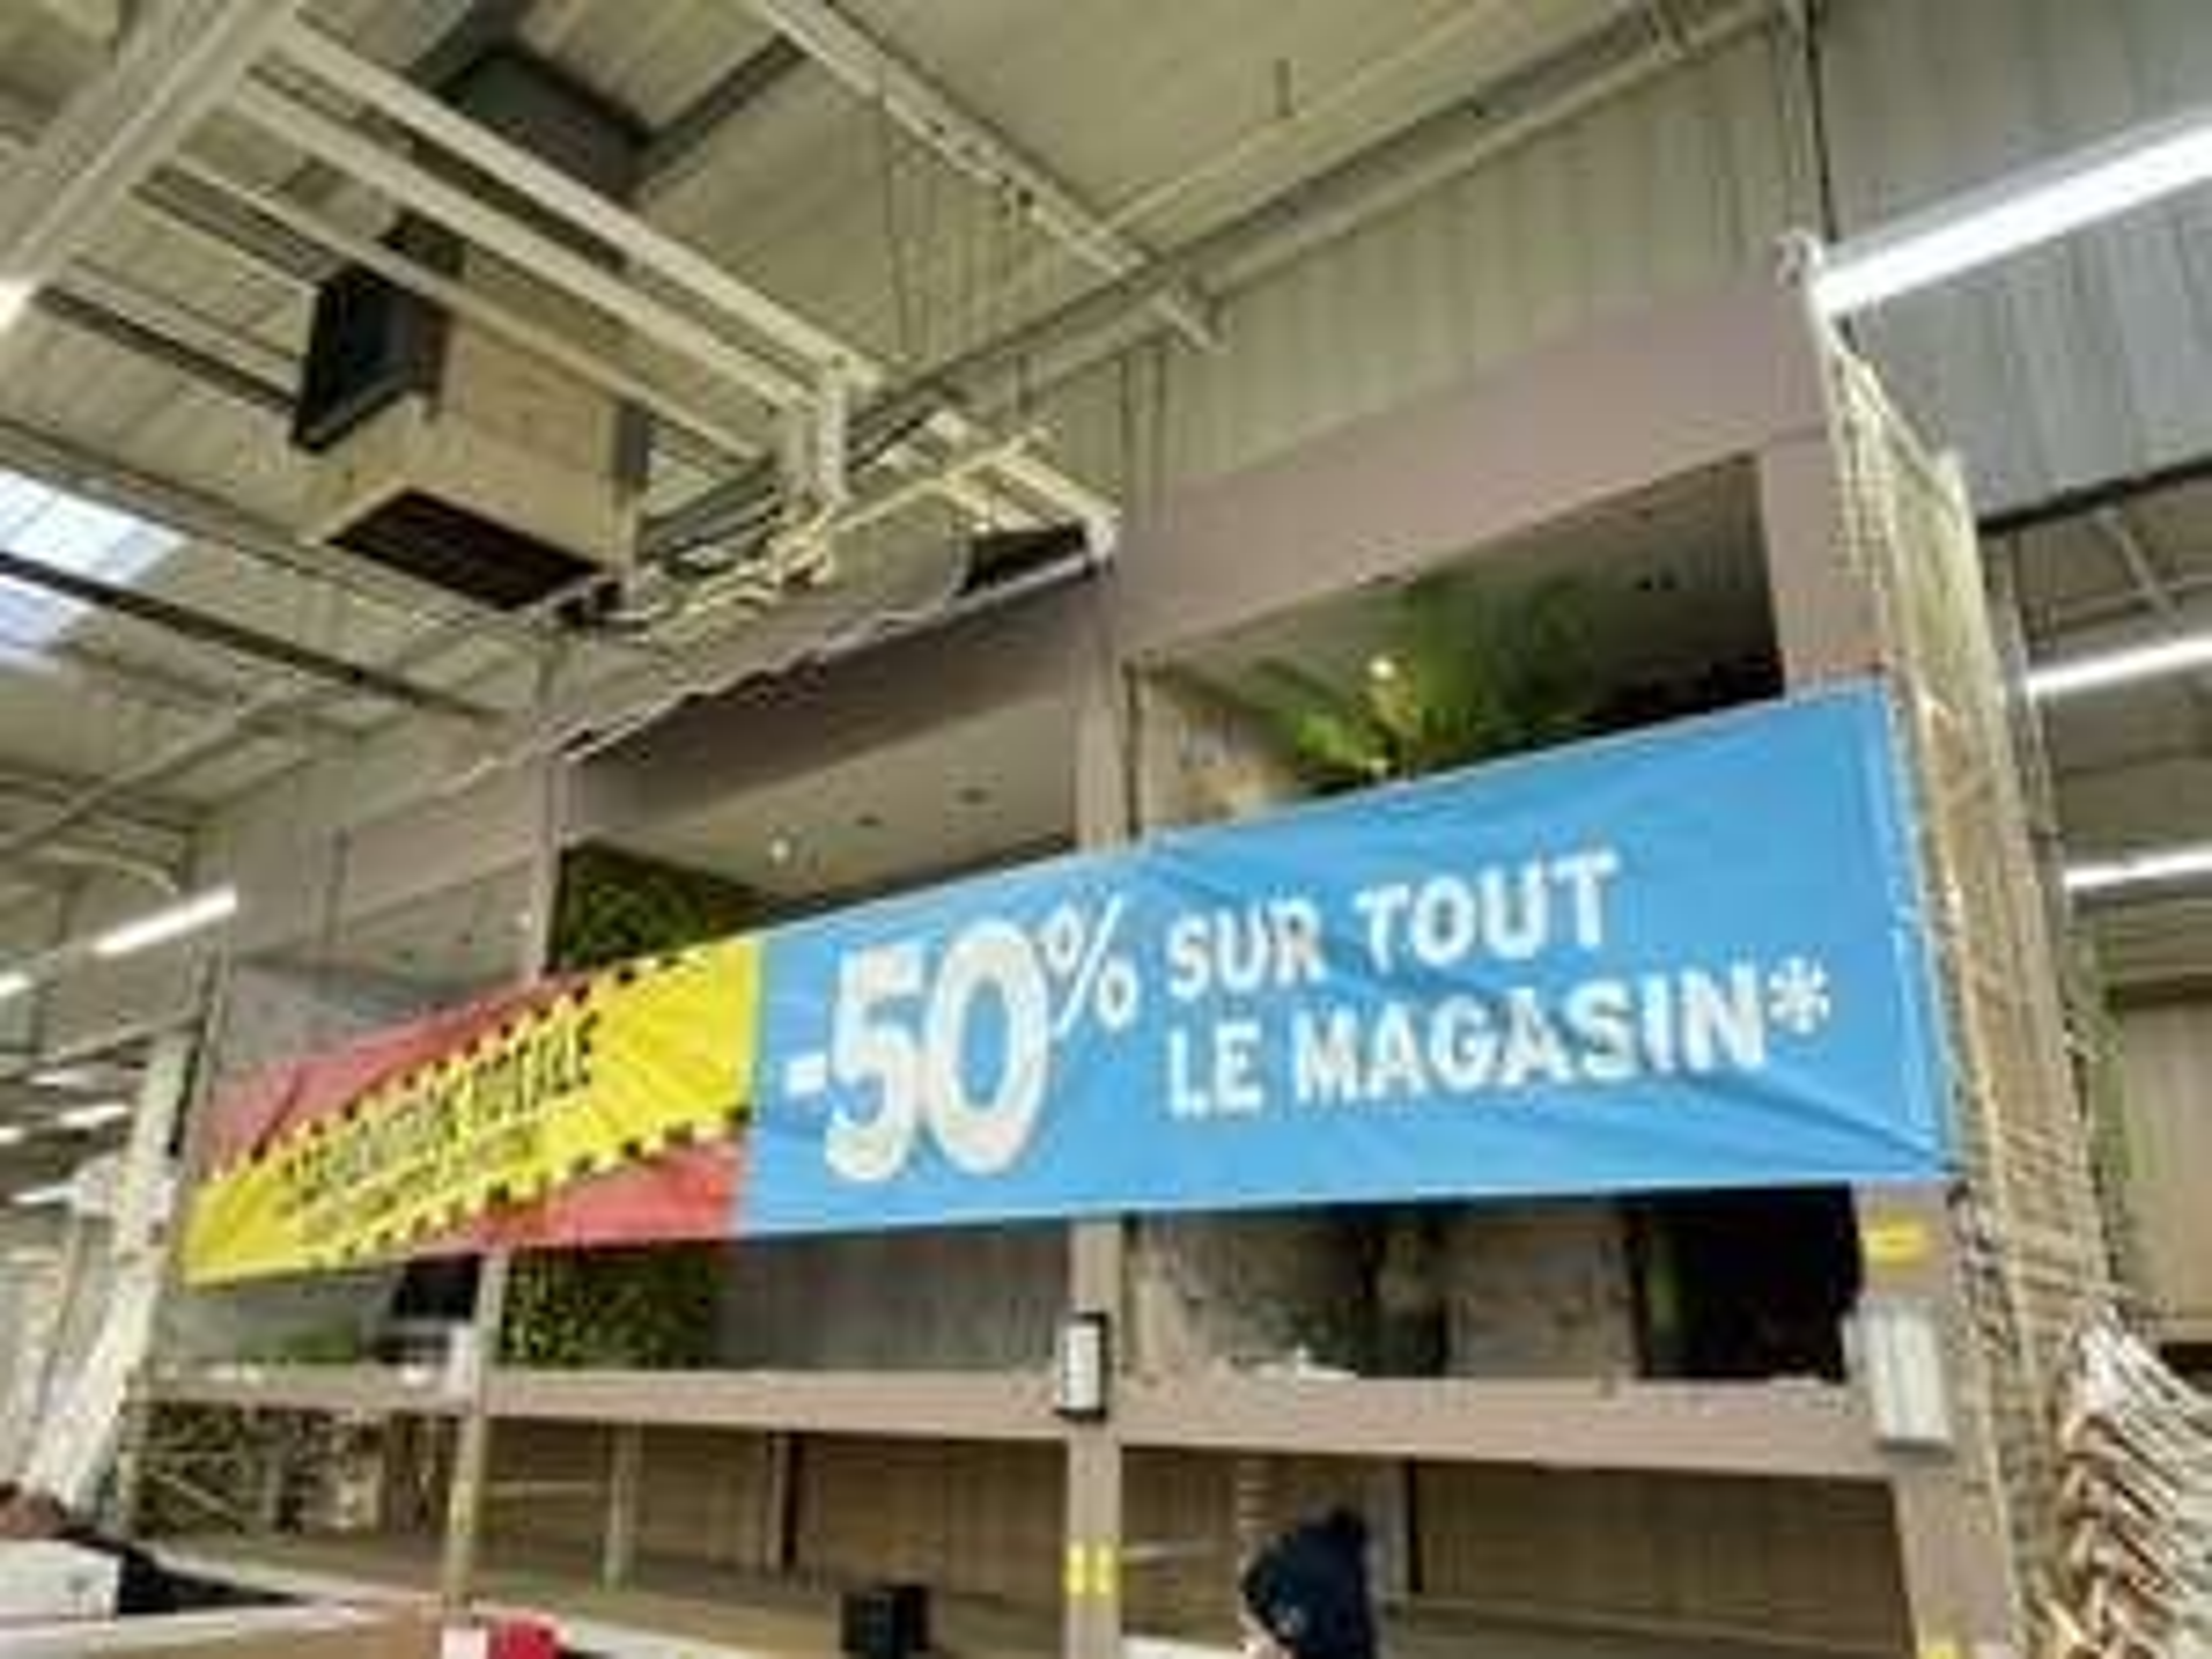 50% de réduction sur tout le magasin (liquidation totale) - Dans une sélection de magasins